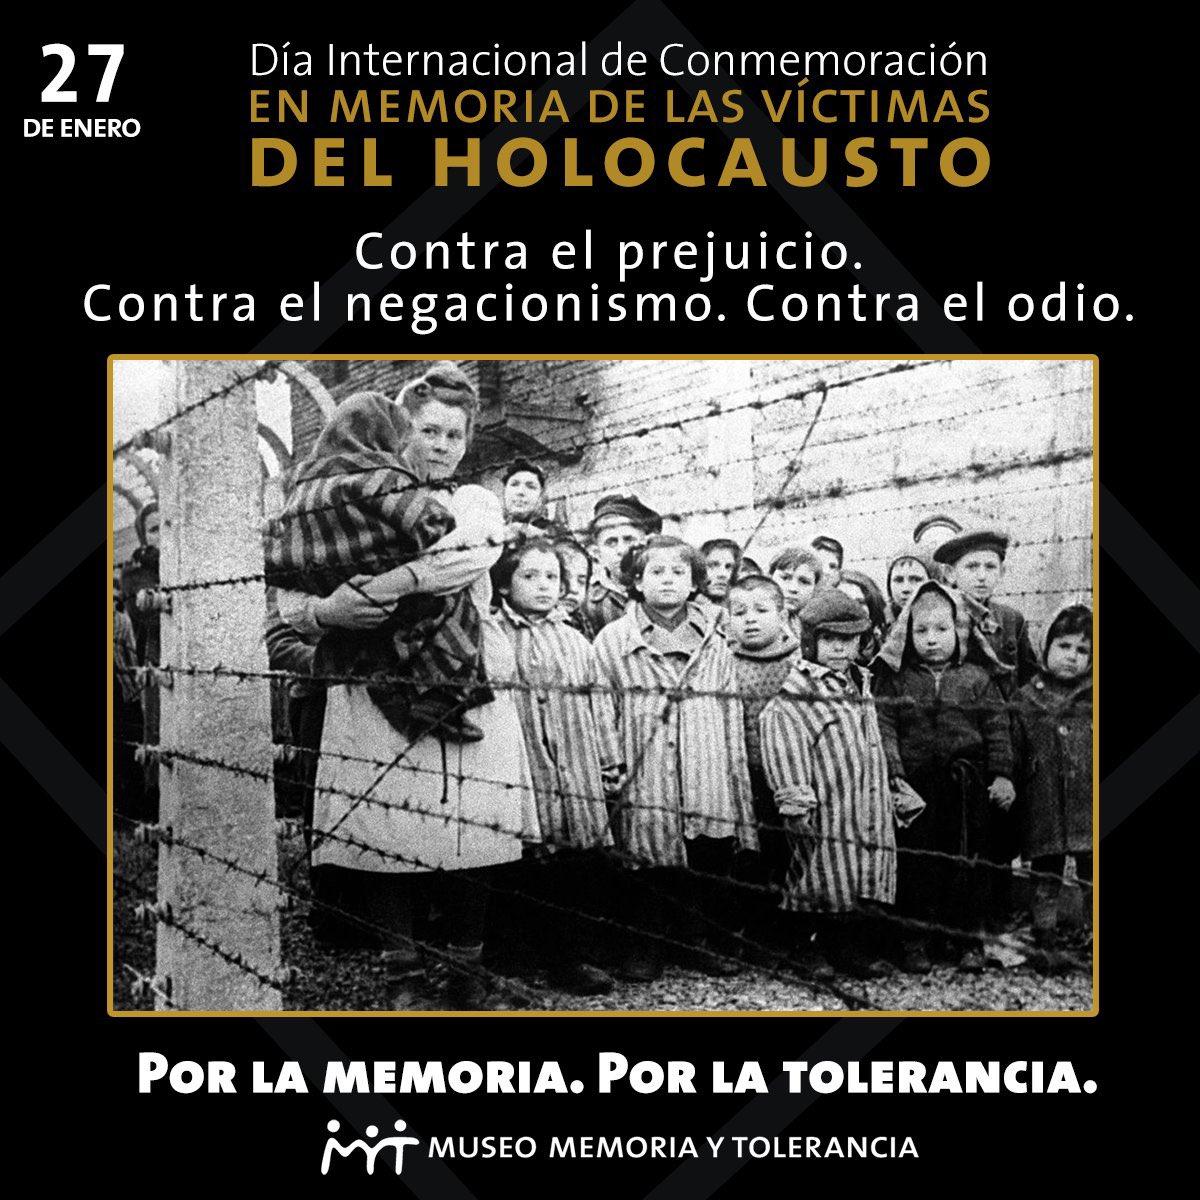 Hoy recordamos a las víctimas del holocuasto. 27 de Enero 1945 liberaron Auschwitz . 🌸 #nuncamás #WeRemember